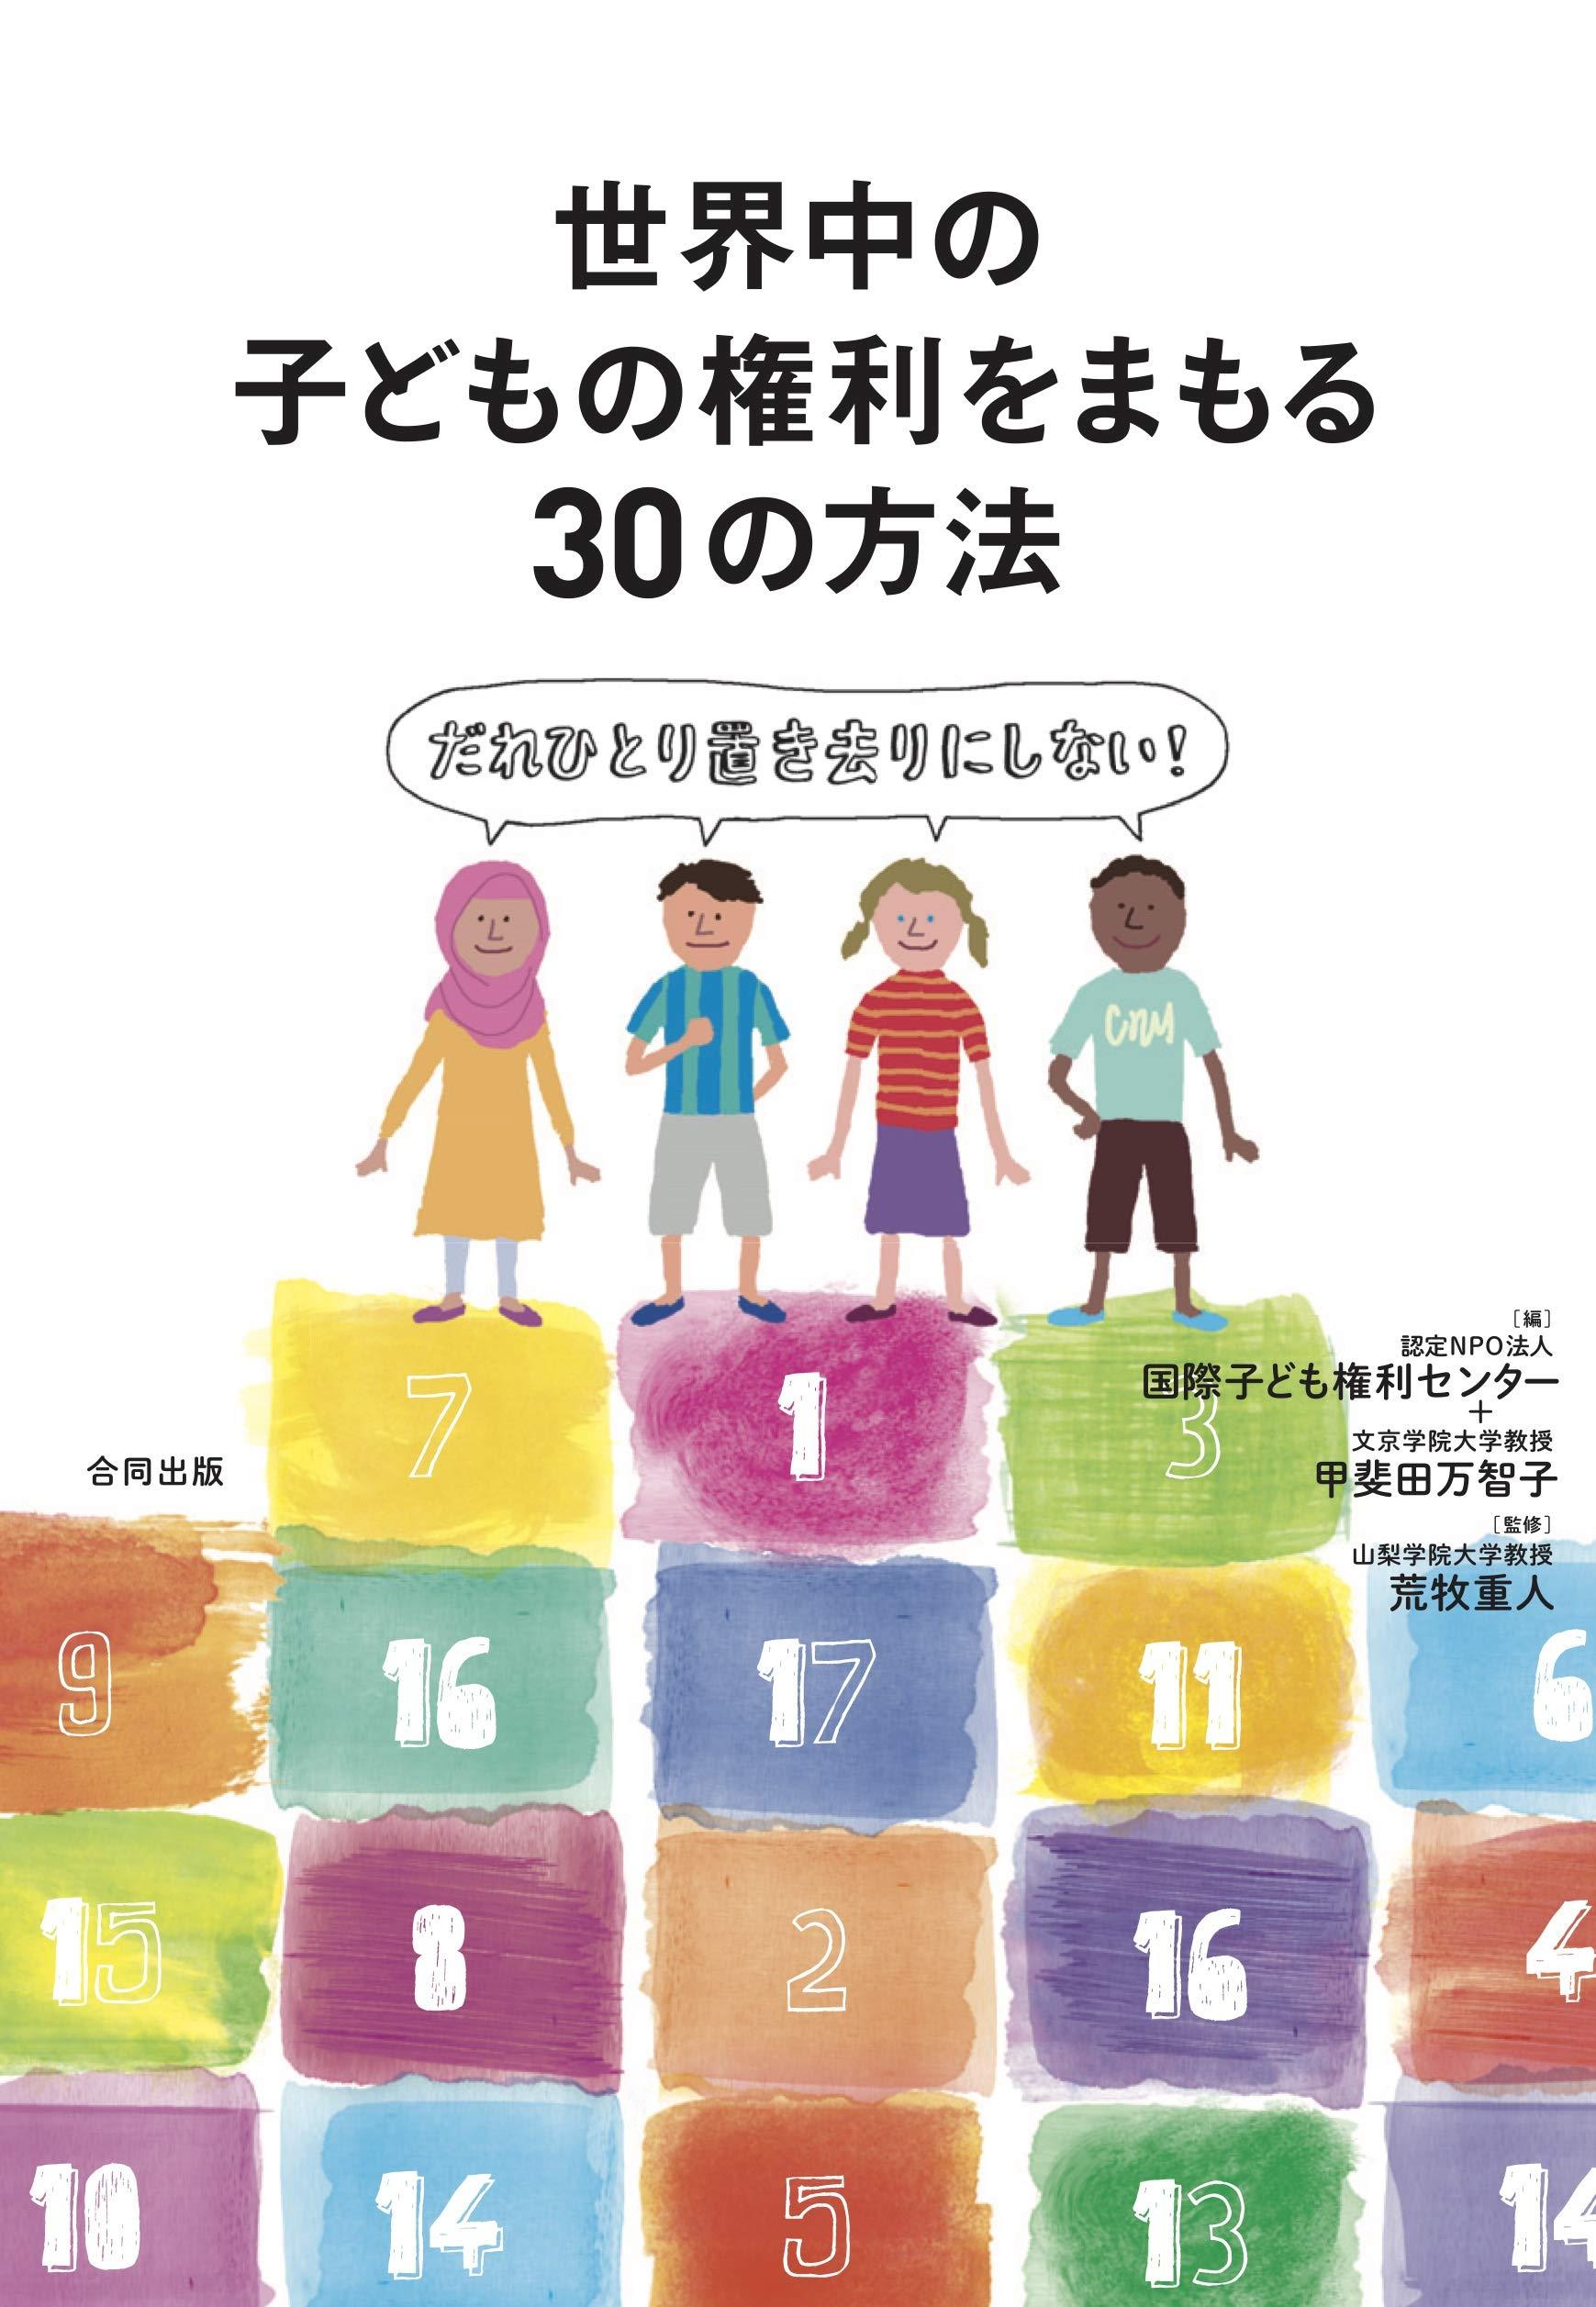 【活動報告】『12月13日(日)子ども・若者を対象とする団体で子どもの権利について学ぼう』子どもの権利を守る30の方法  参加者  感想・質問